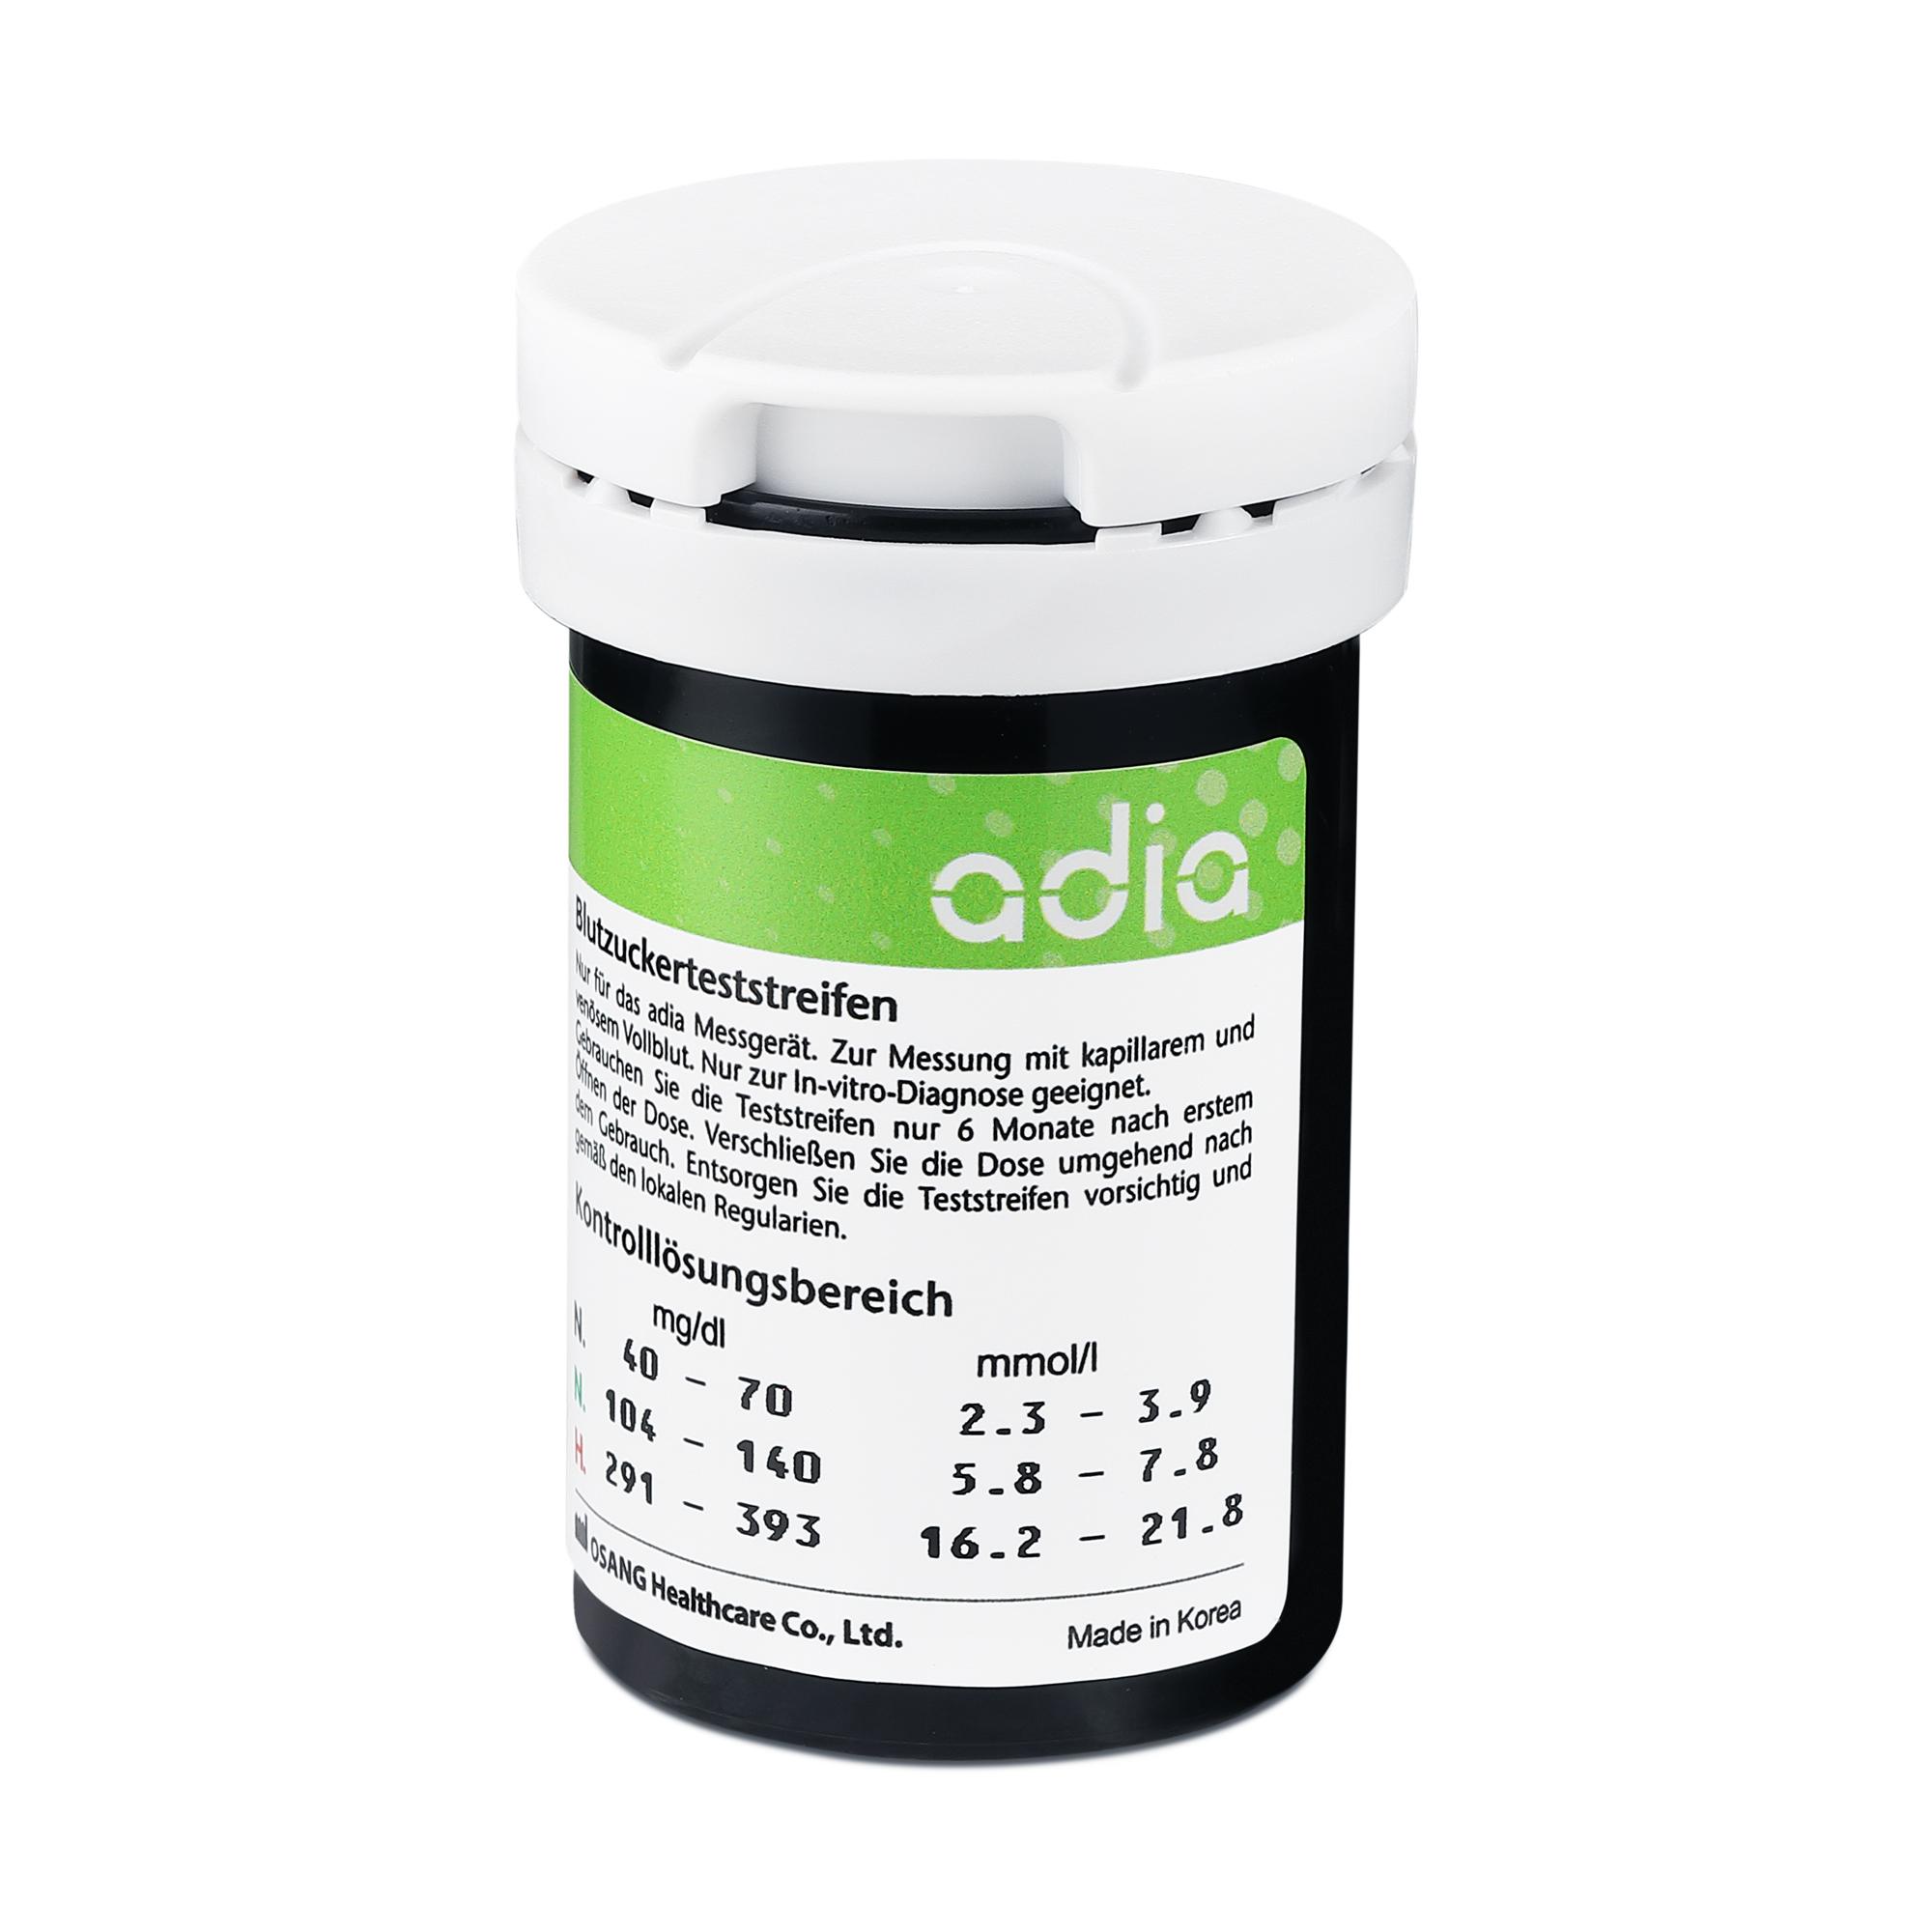 adia Blutzuckerteststreifen, 50 Stück